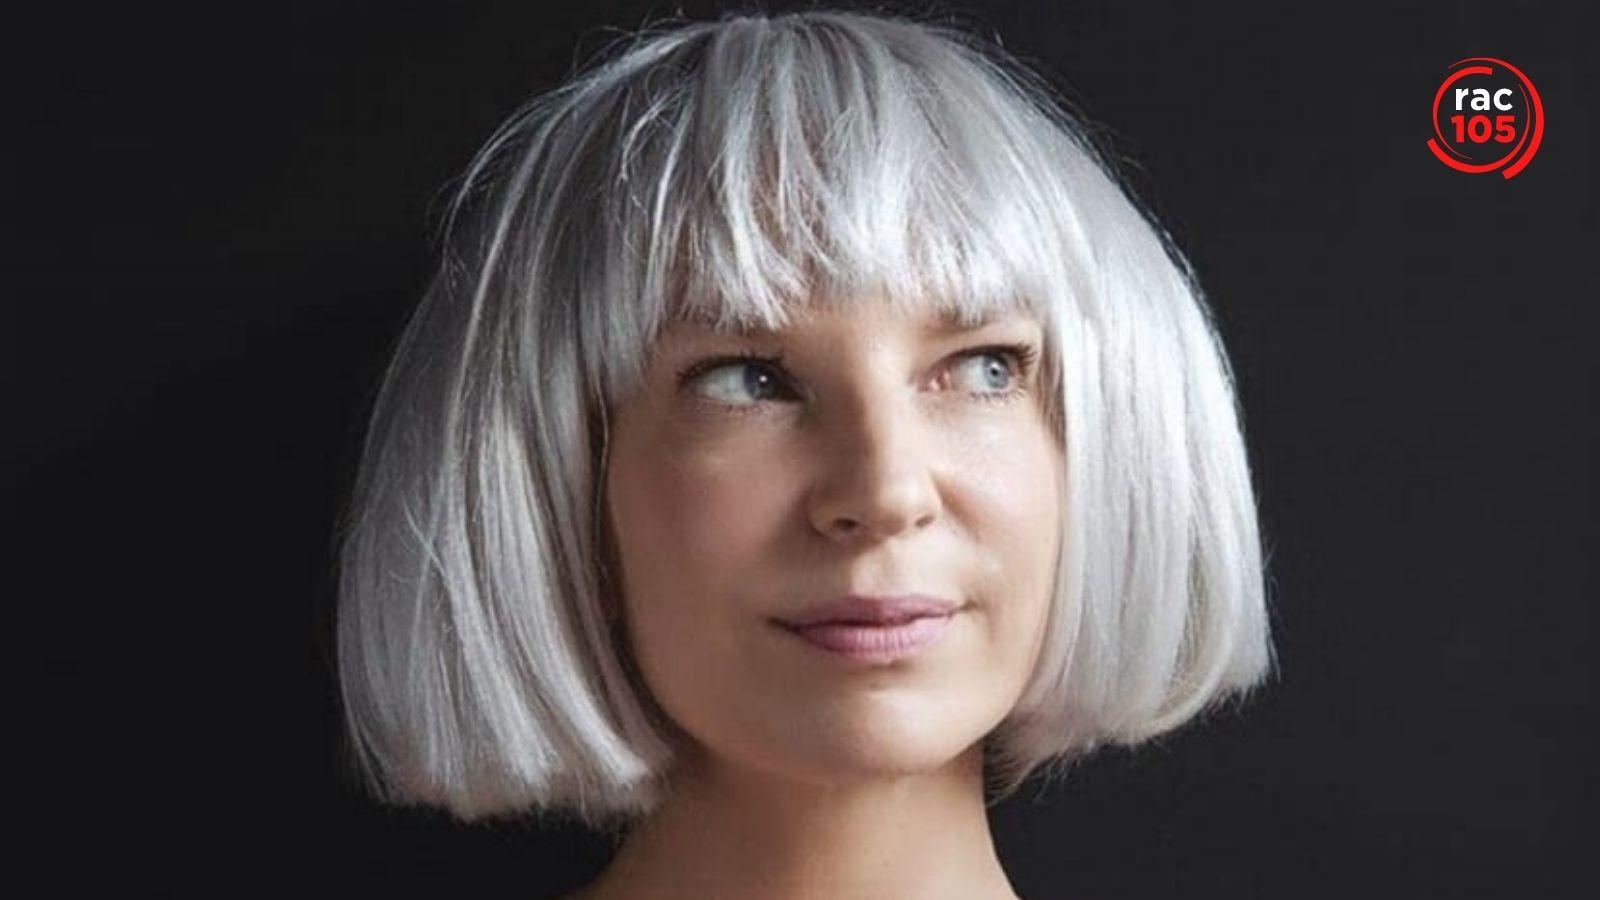 'Music', la primera pel·lícula de Sia, s'estrena aquest divendres, 26 de febrer, enmig de polèmica